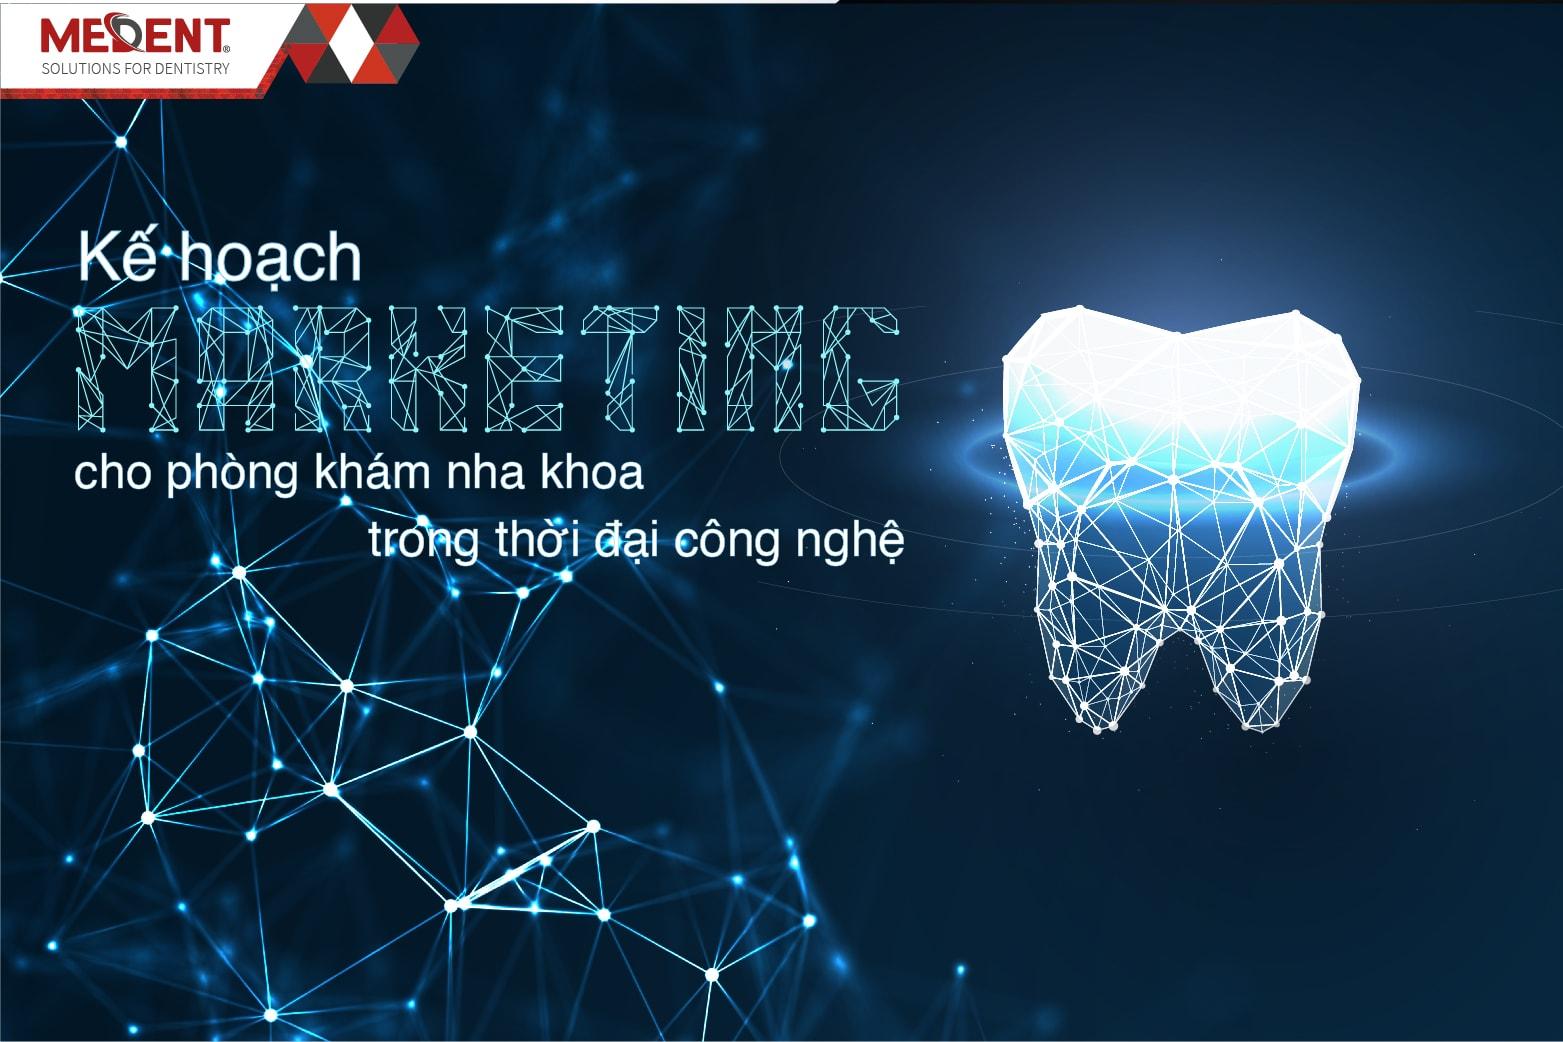 Kế hoạch marketing cho phòng khám nha khoa